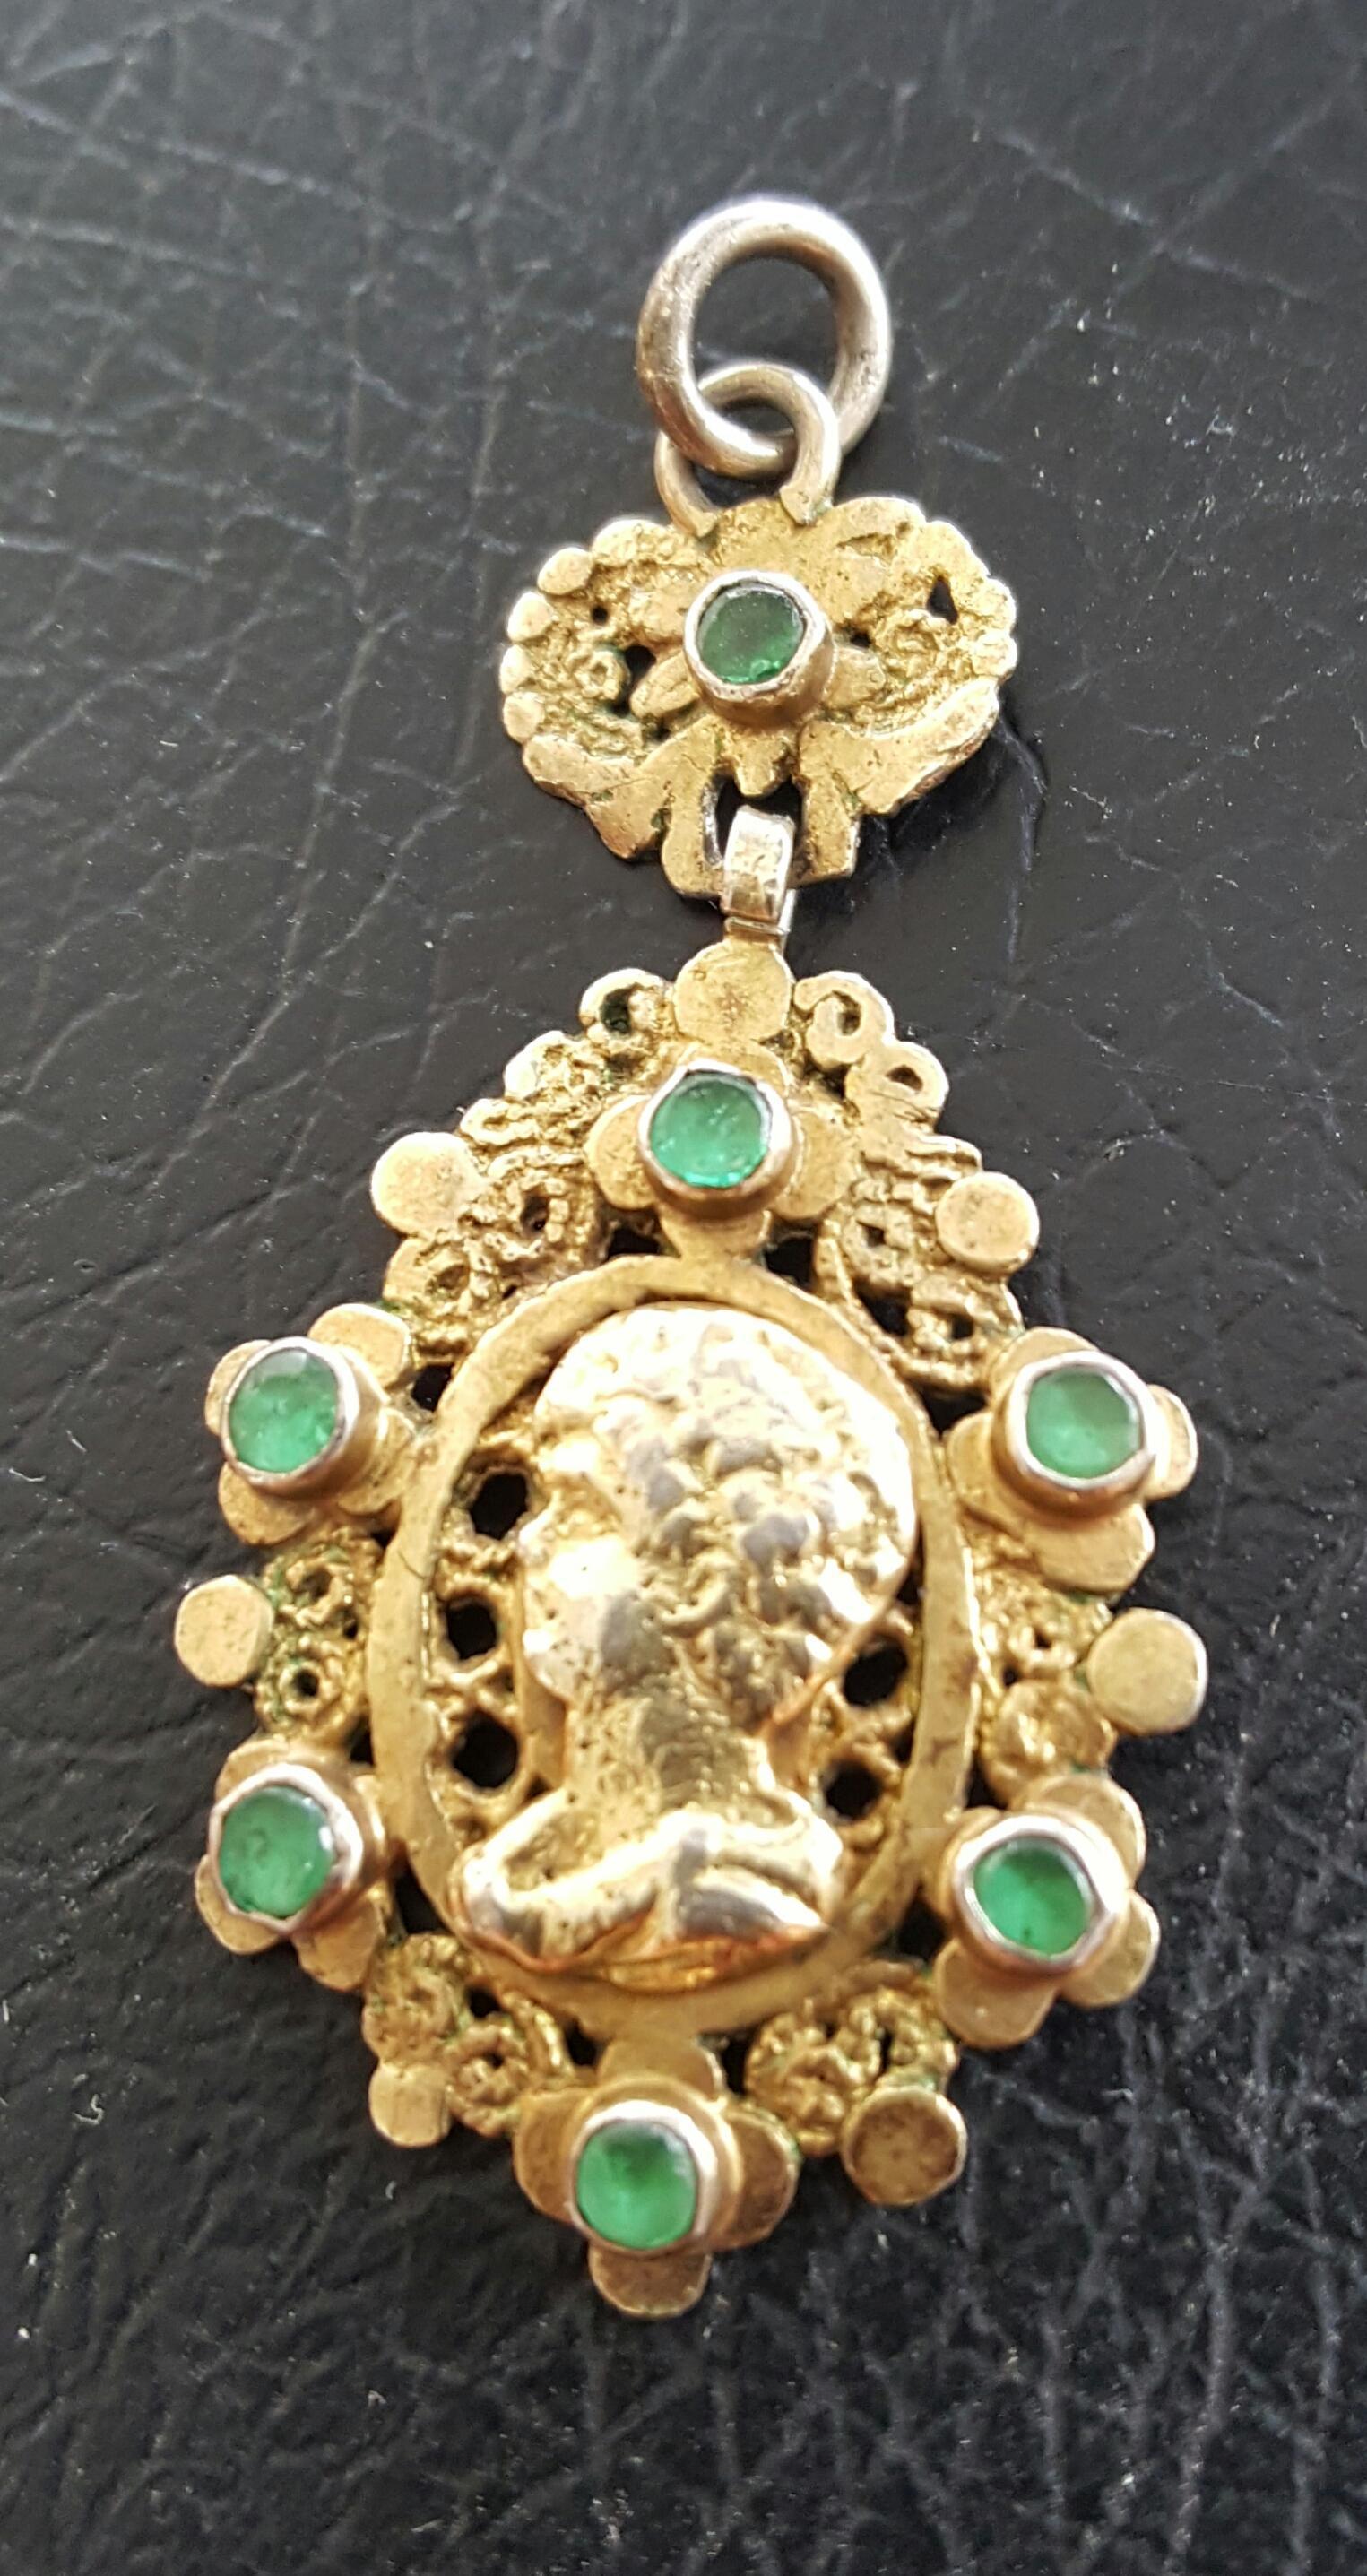 Renaissance Pendant With Pastes